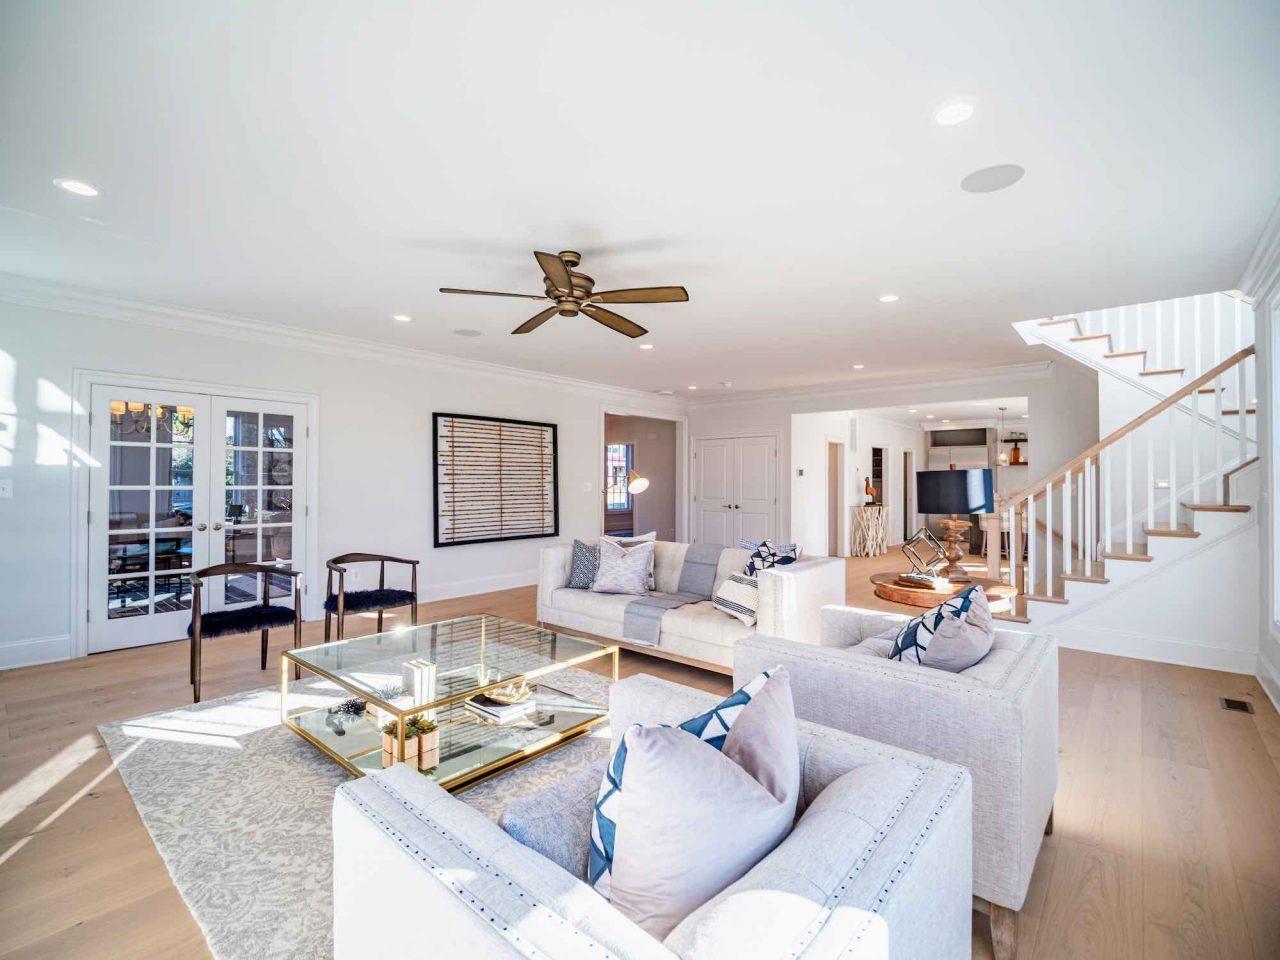 coastal living room with engineered hardwood flooring